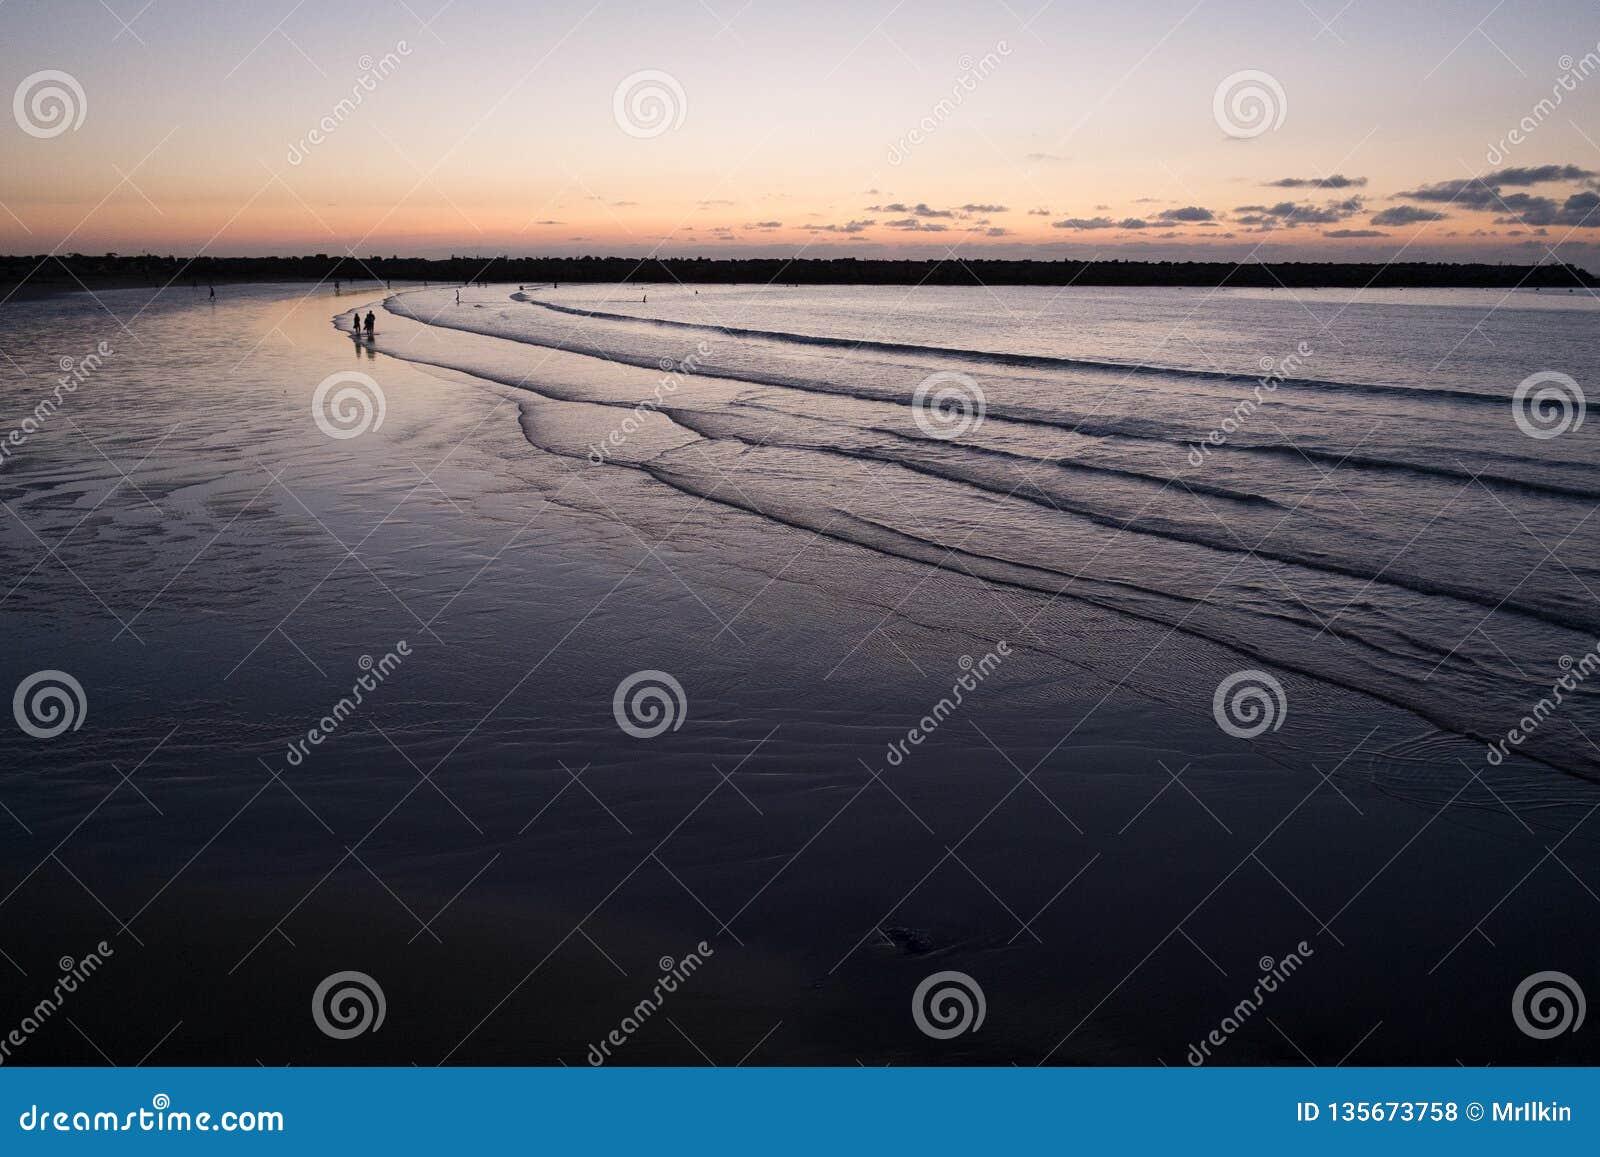 Siluetas de la gente en la igualación de la playa